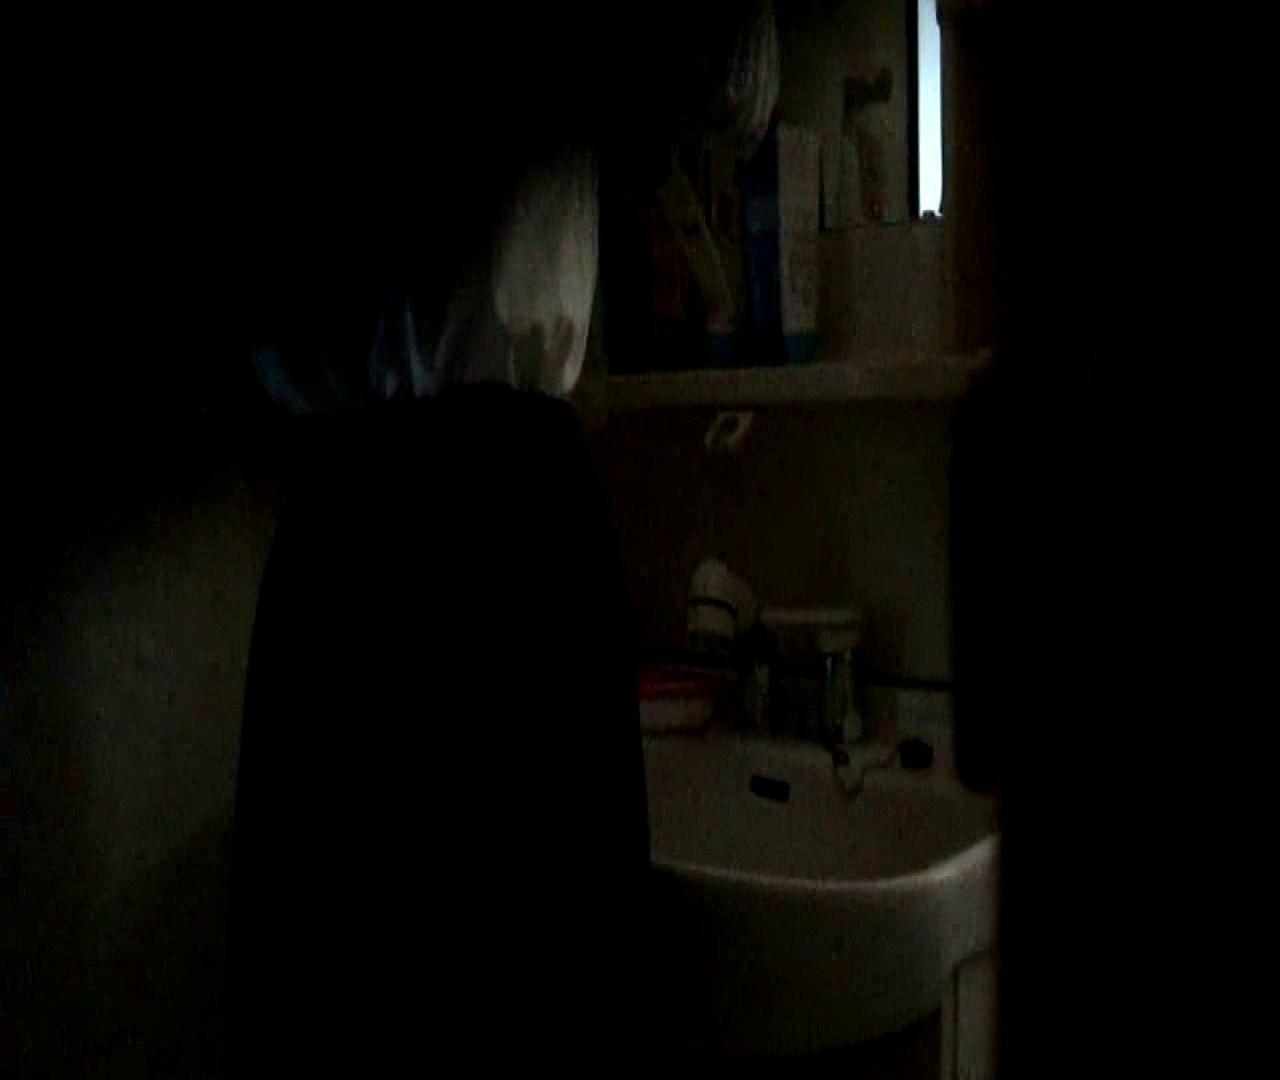 二人とも育てた甲斐がありました… vol.05 まどかが洗顔後にブラを洗濯 盗撮特集   おまんこ  86画像 29